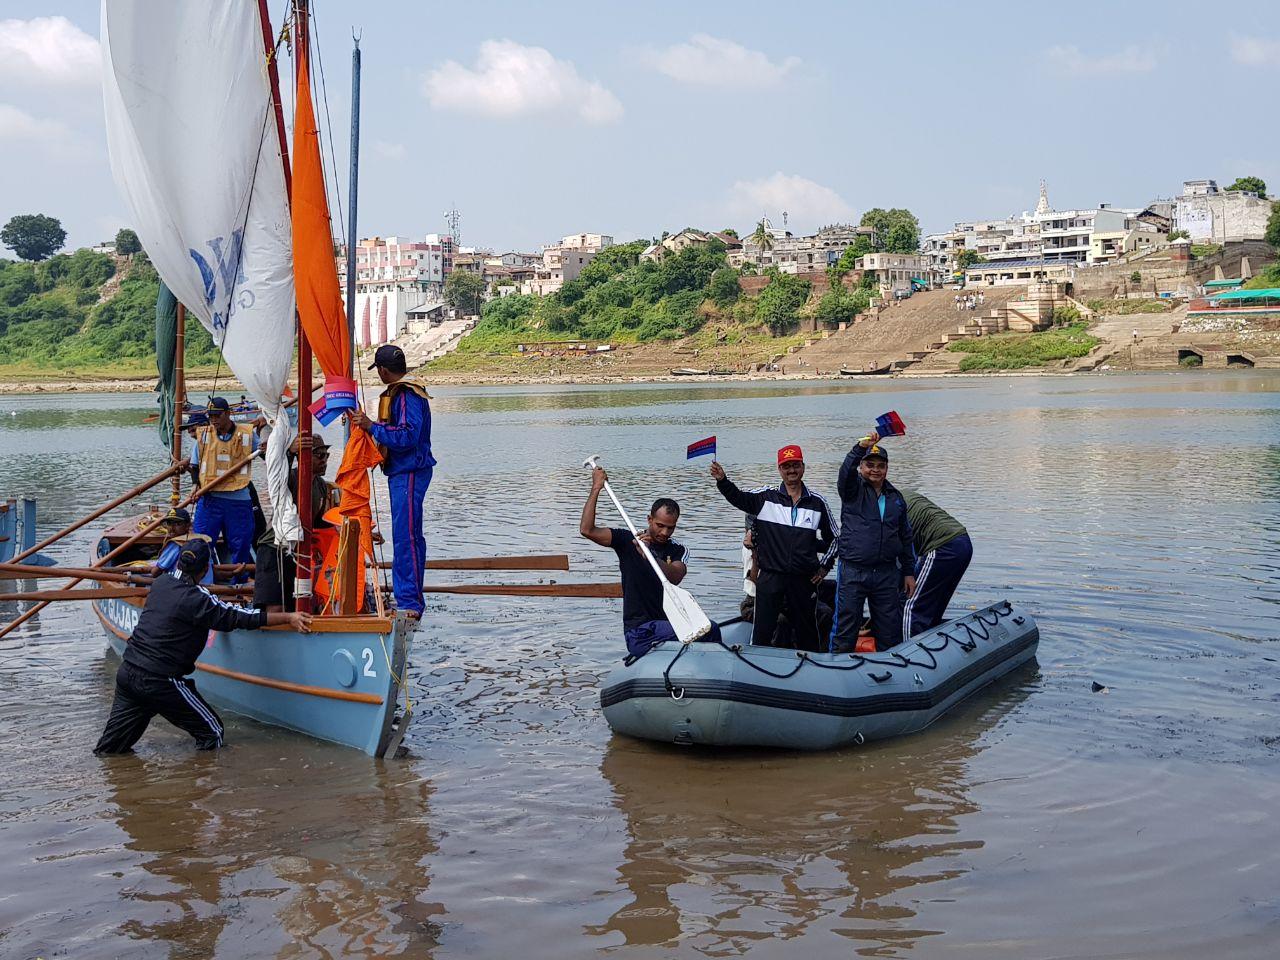 Sailing expedition by NCC cadets to commemorate Narmada Mahotsav